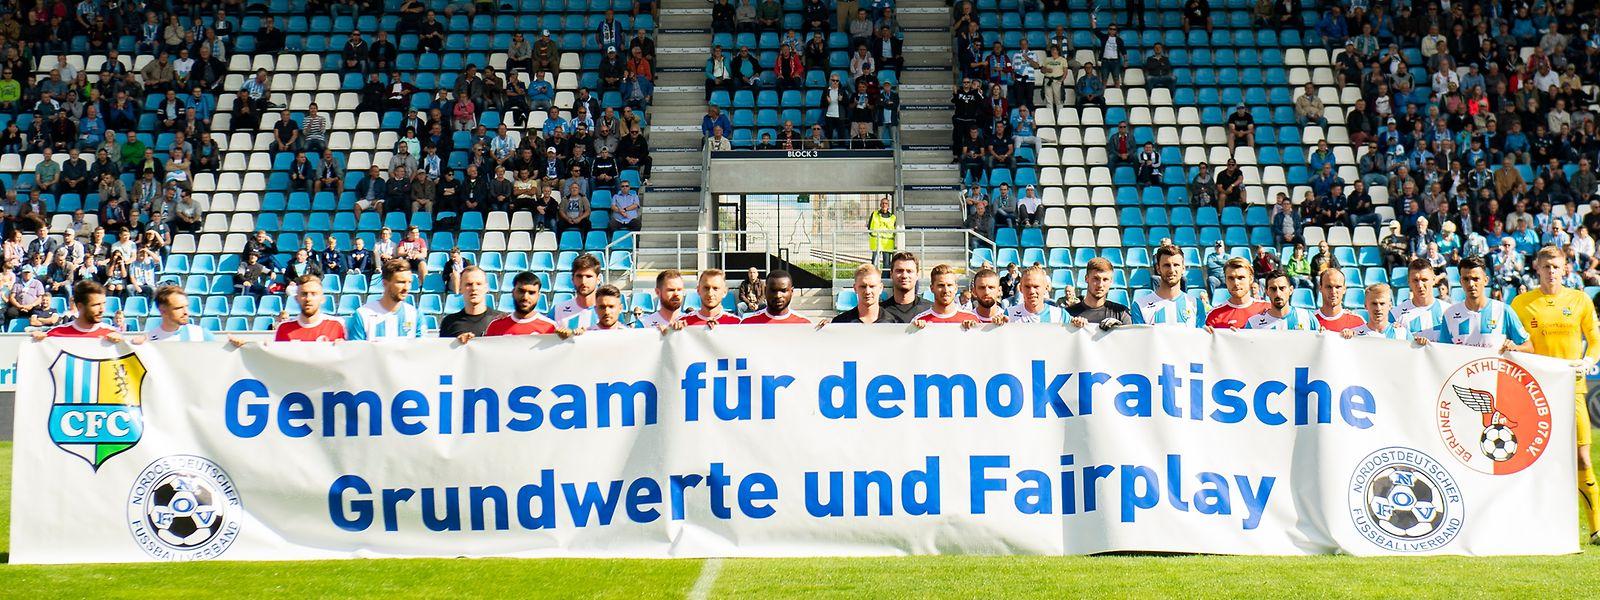 """Die Spieler des Chemnitzer FC und des Berliner AK hielten vor Beginn des Spiels ein Banner mit der Aufschrift """"Gemeinsam für demokratische Grundwerte und Fairplay""""."""